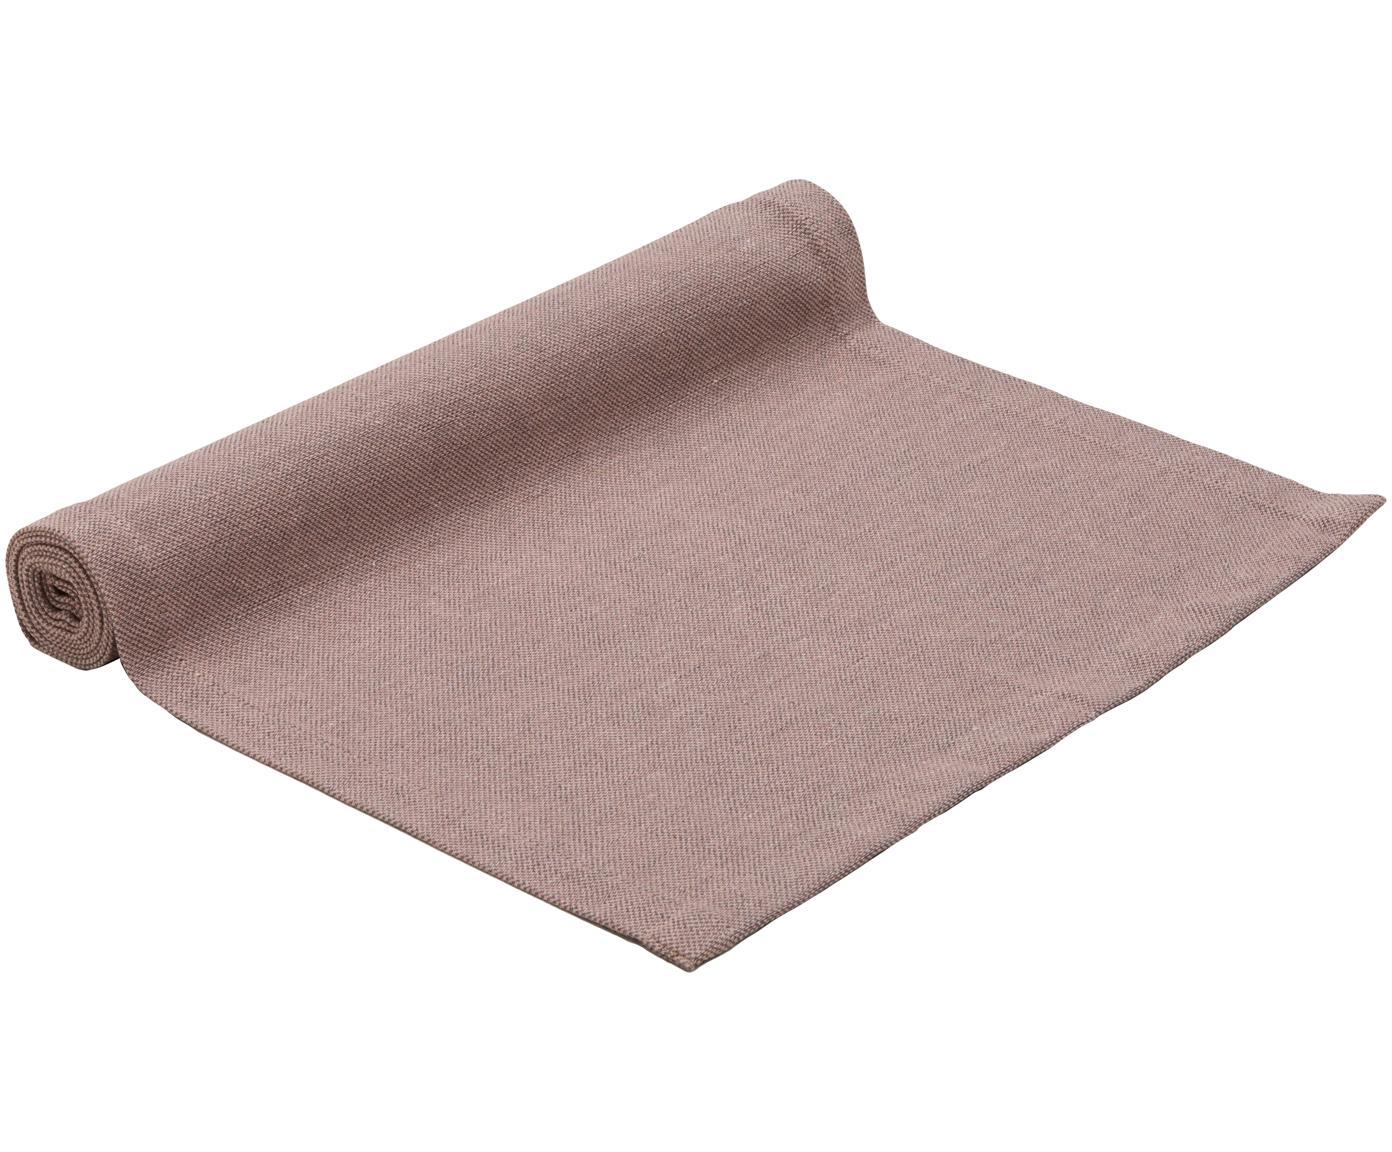 Tischläufer Riva, 55%Baumwolle, 45%Polyester, Mauve, 40 x 150 cm